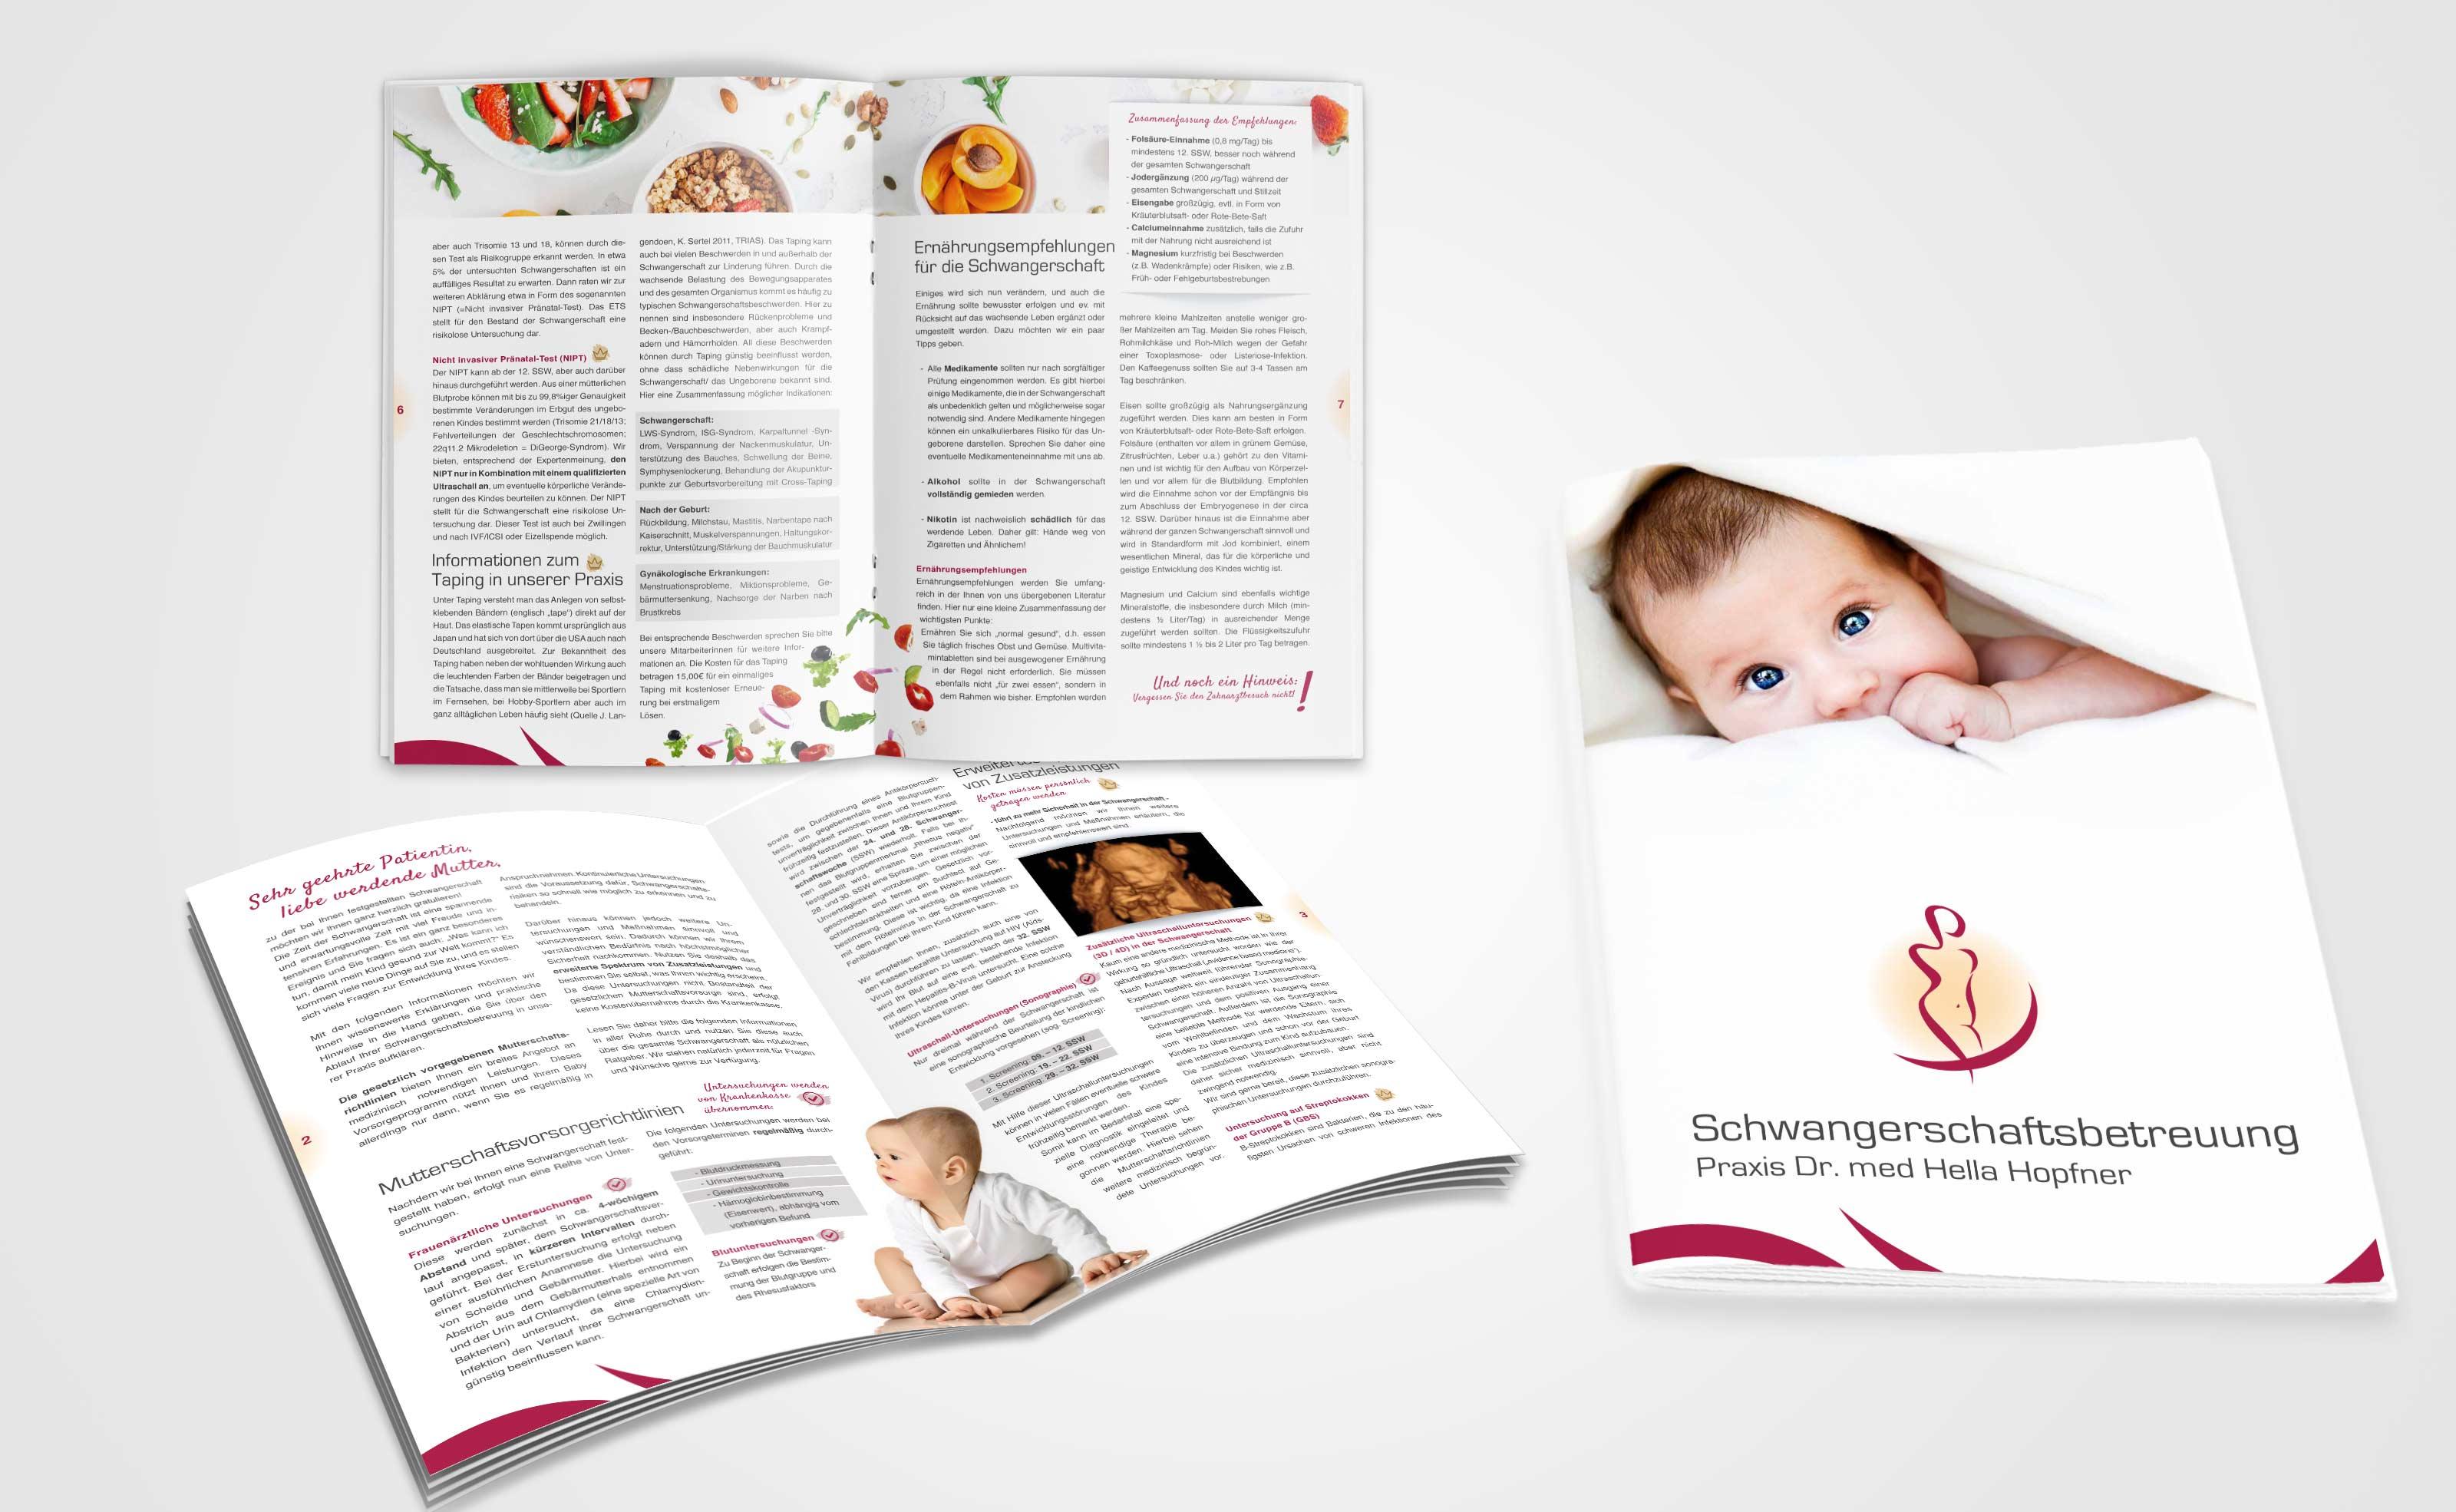 Dr. med. Hella Hopfner – Schwangerschaftsbetreuung